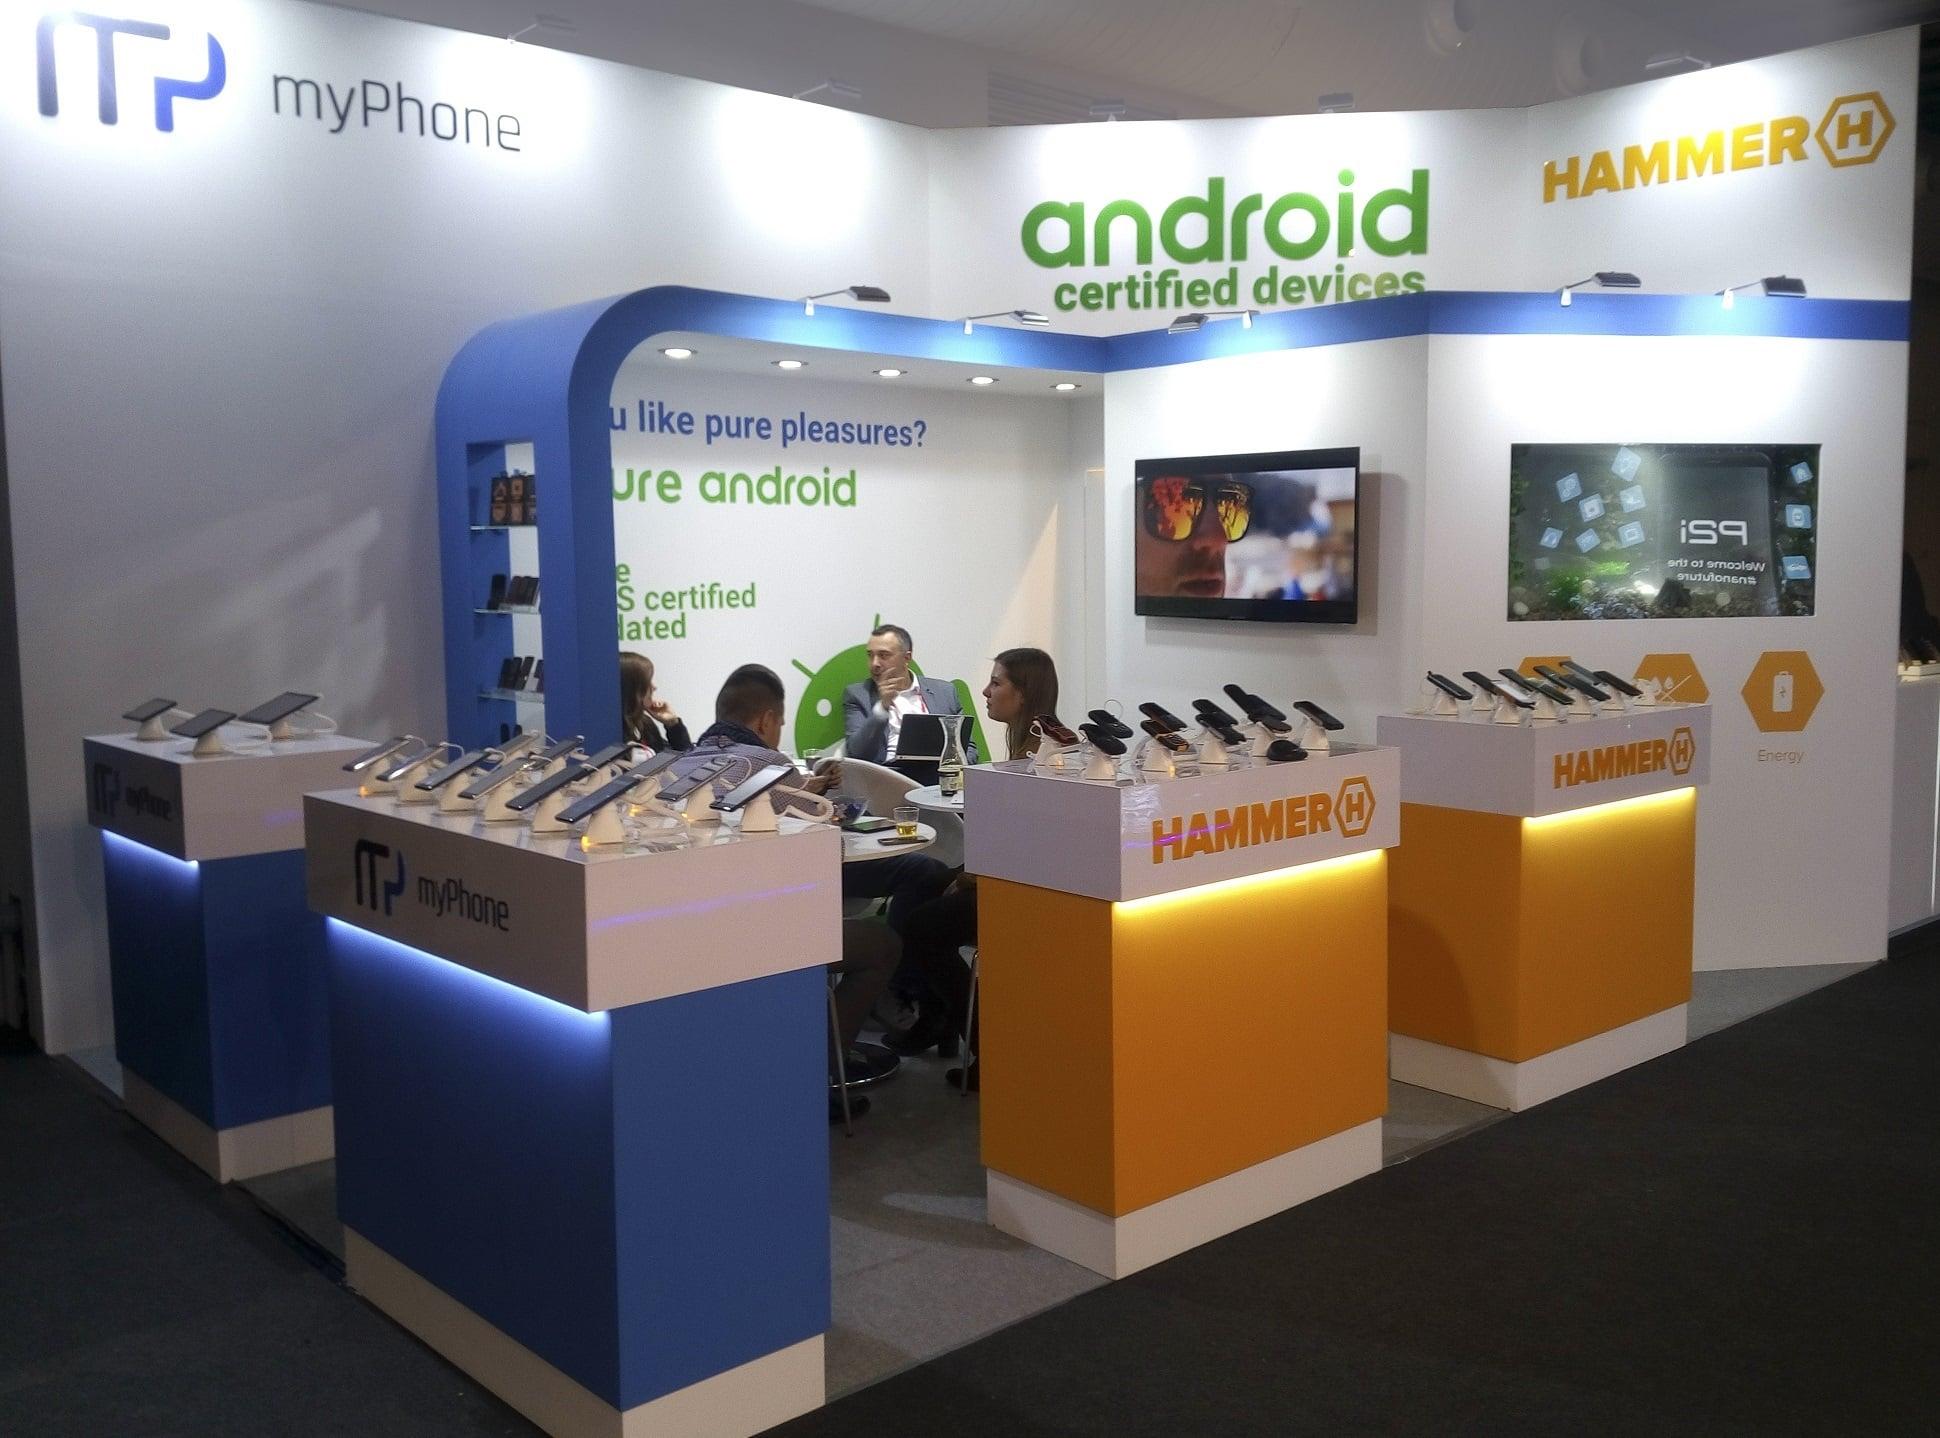 Poznaliśmy specyfikację modeli myPhone Pocket 18x9, FUN 18x9, Prime 18x9, Prime 18x9 LTE i HAMMER Energy 18x9 19